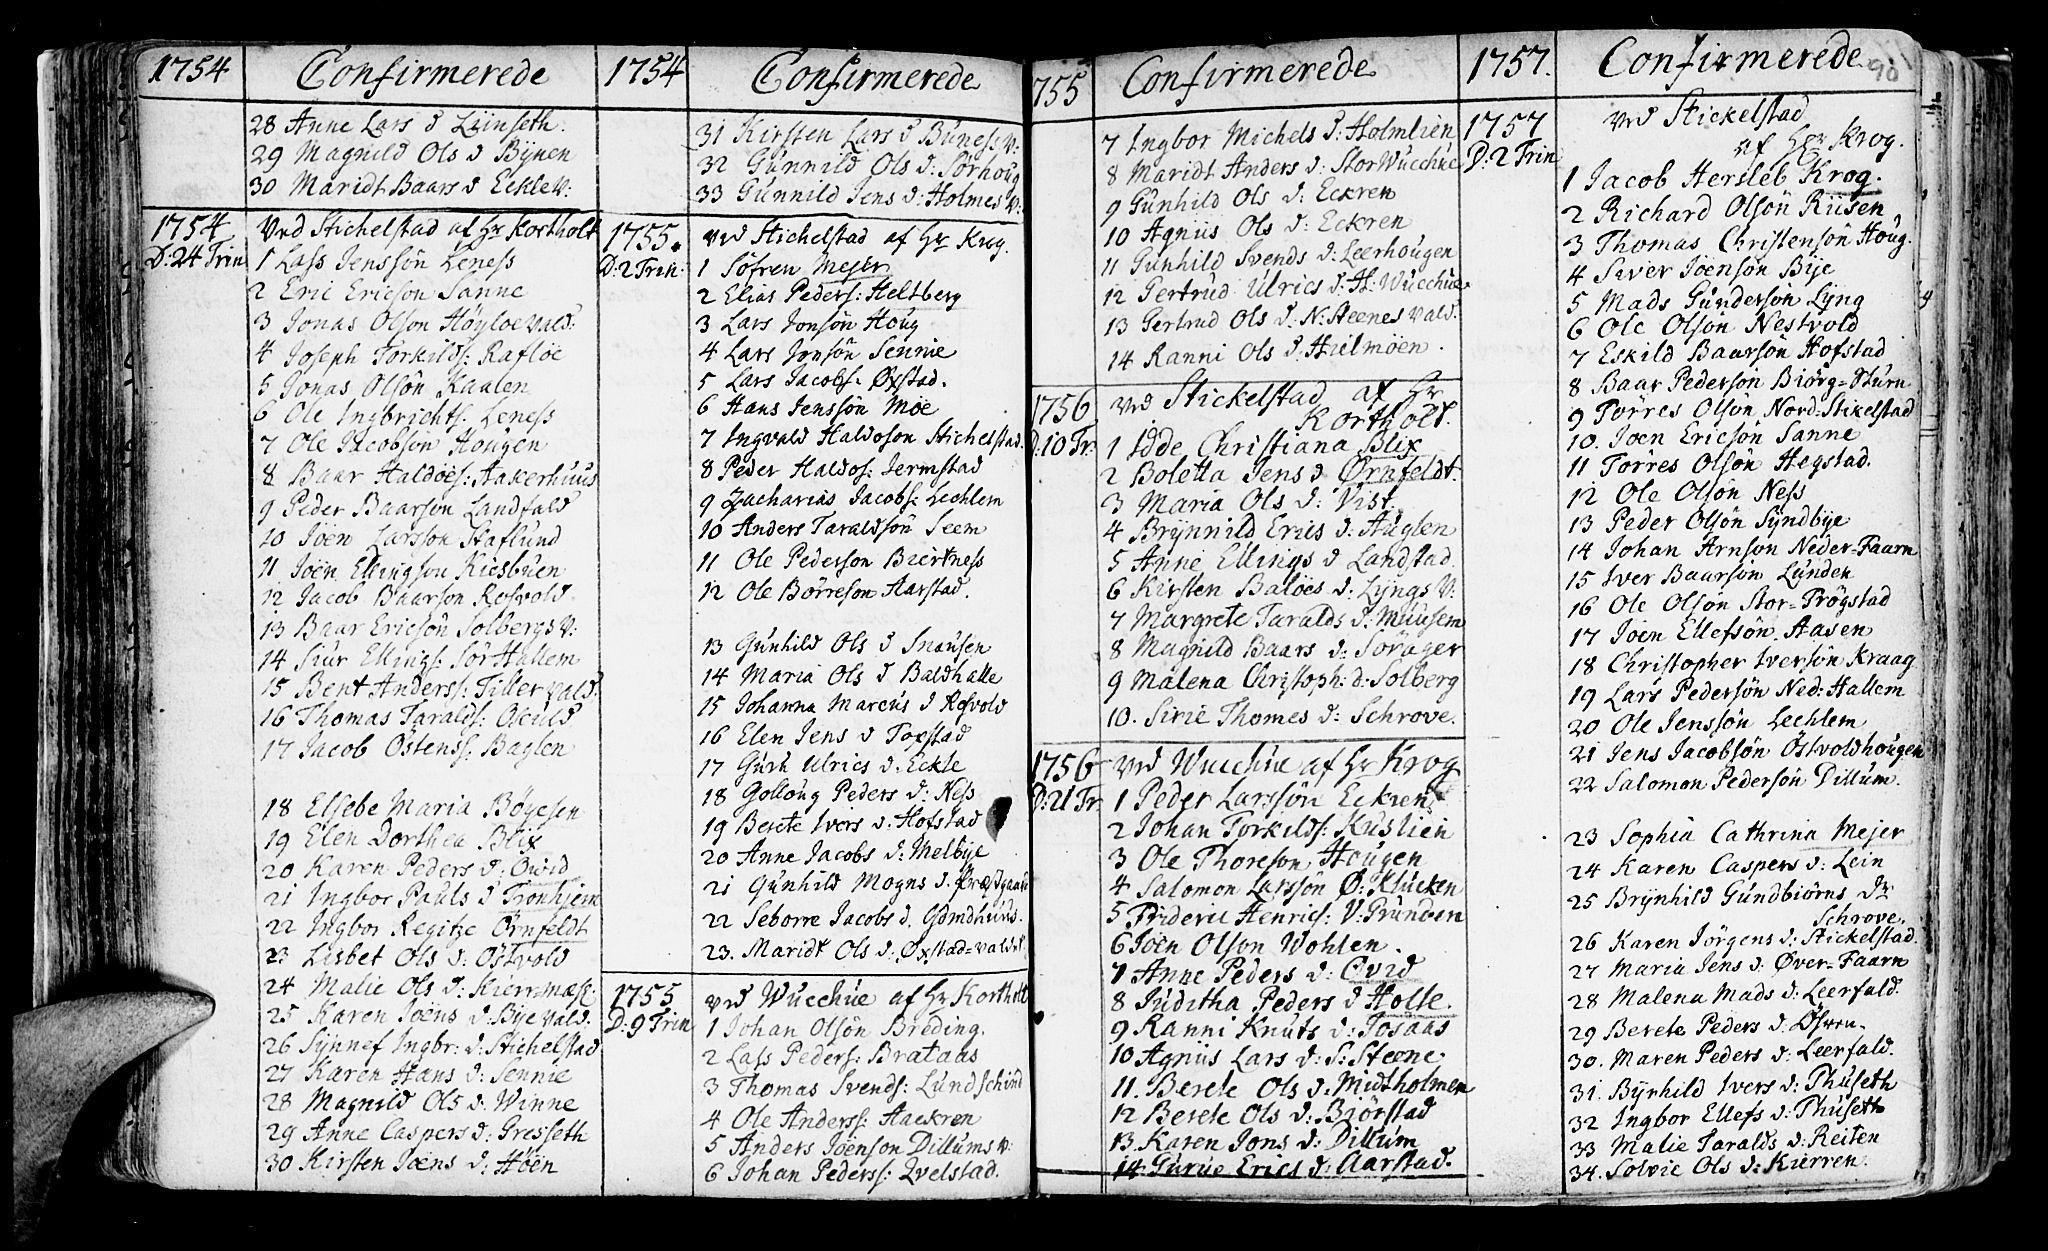 SAT, Ministerialprotokoller, klokkerbøker og fødselsregistre - Nord-Trøndelag, 723/L0231: Ministerialbok nr. 723A02, 1748-1780, s. 90